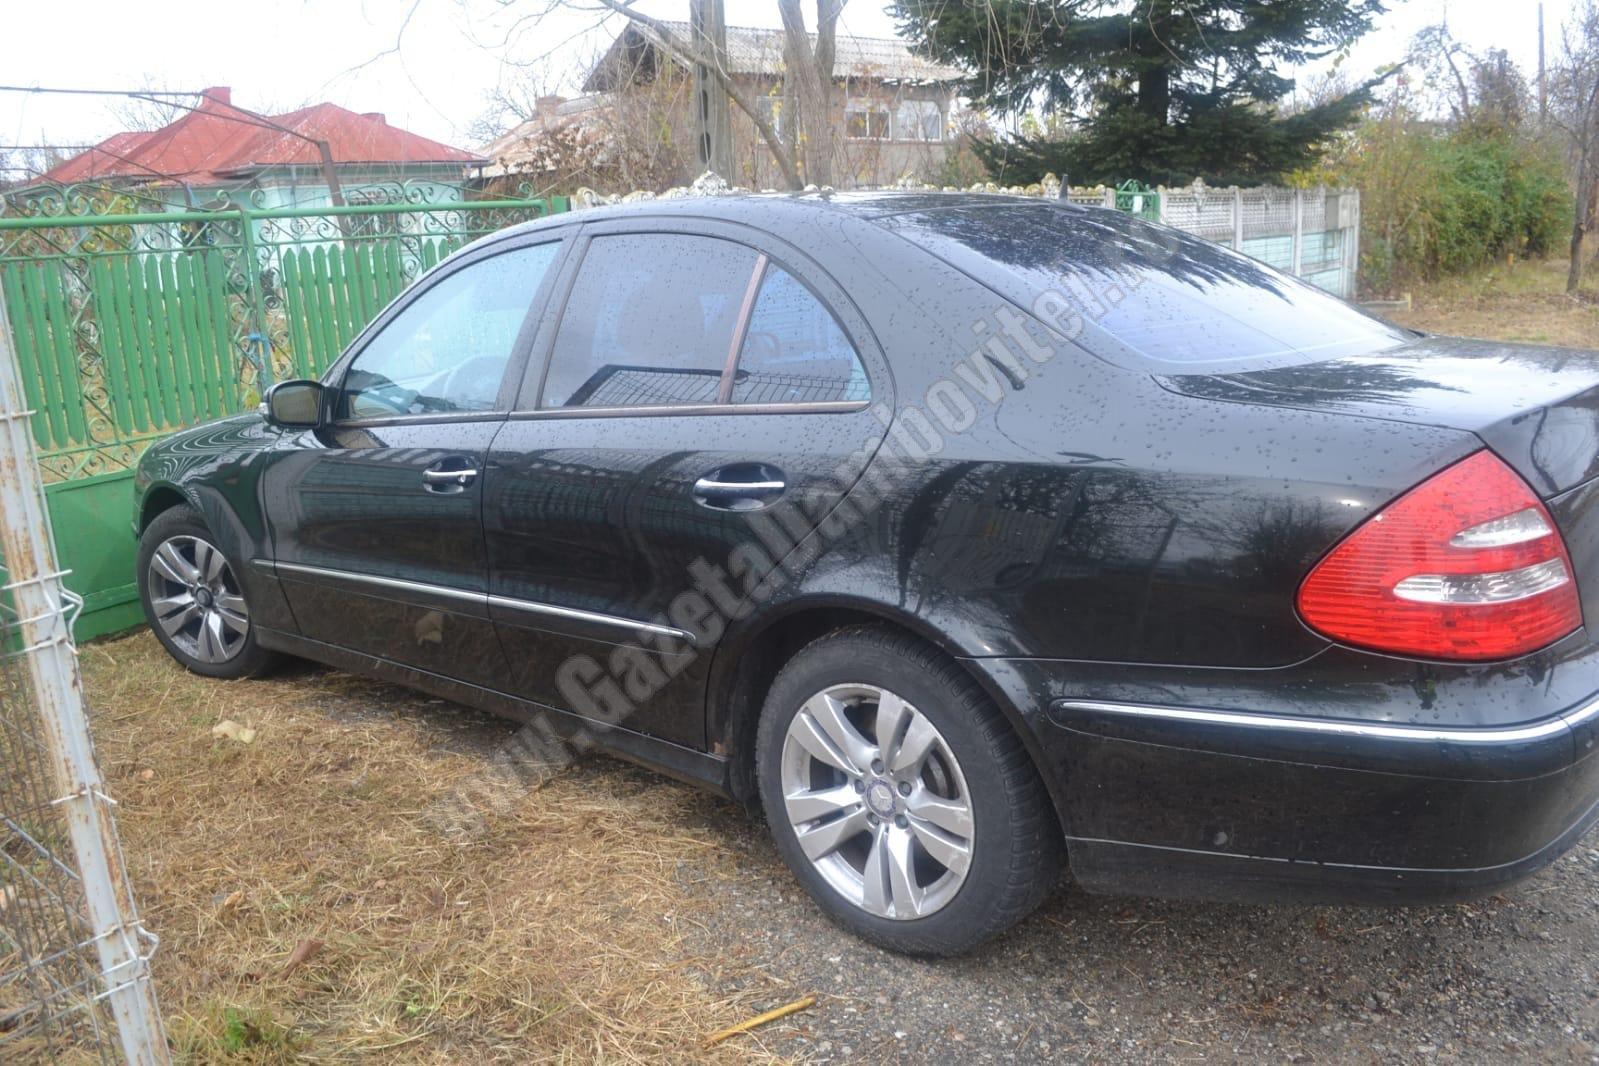 GĂEȘTI: Trei minori au vandaliat 11 mașini într-o singură noapte